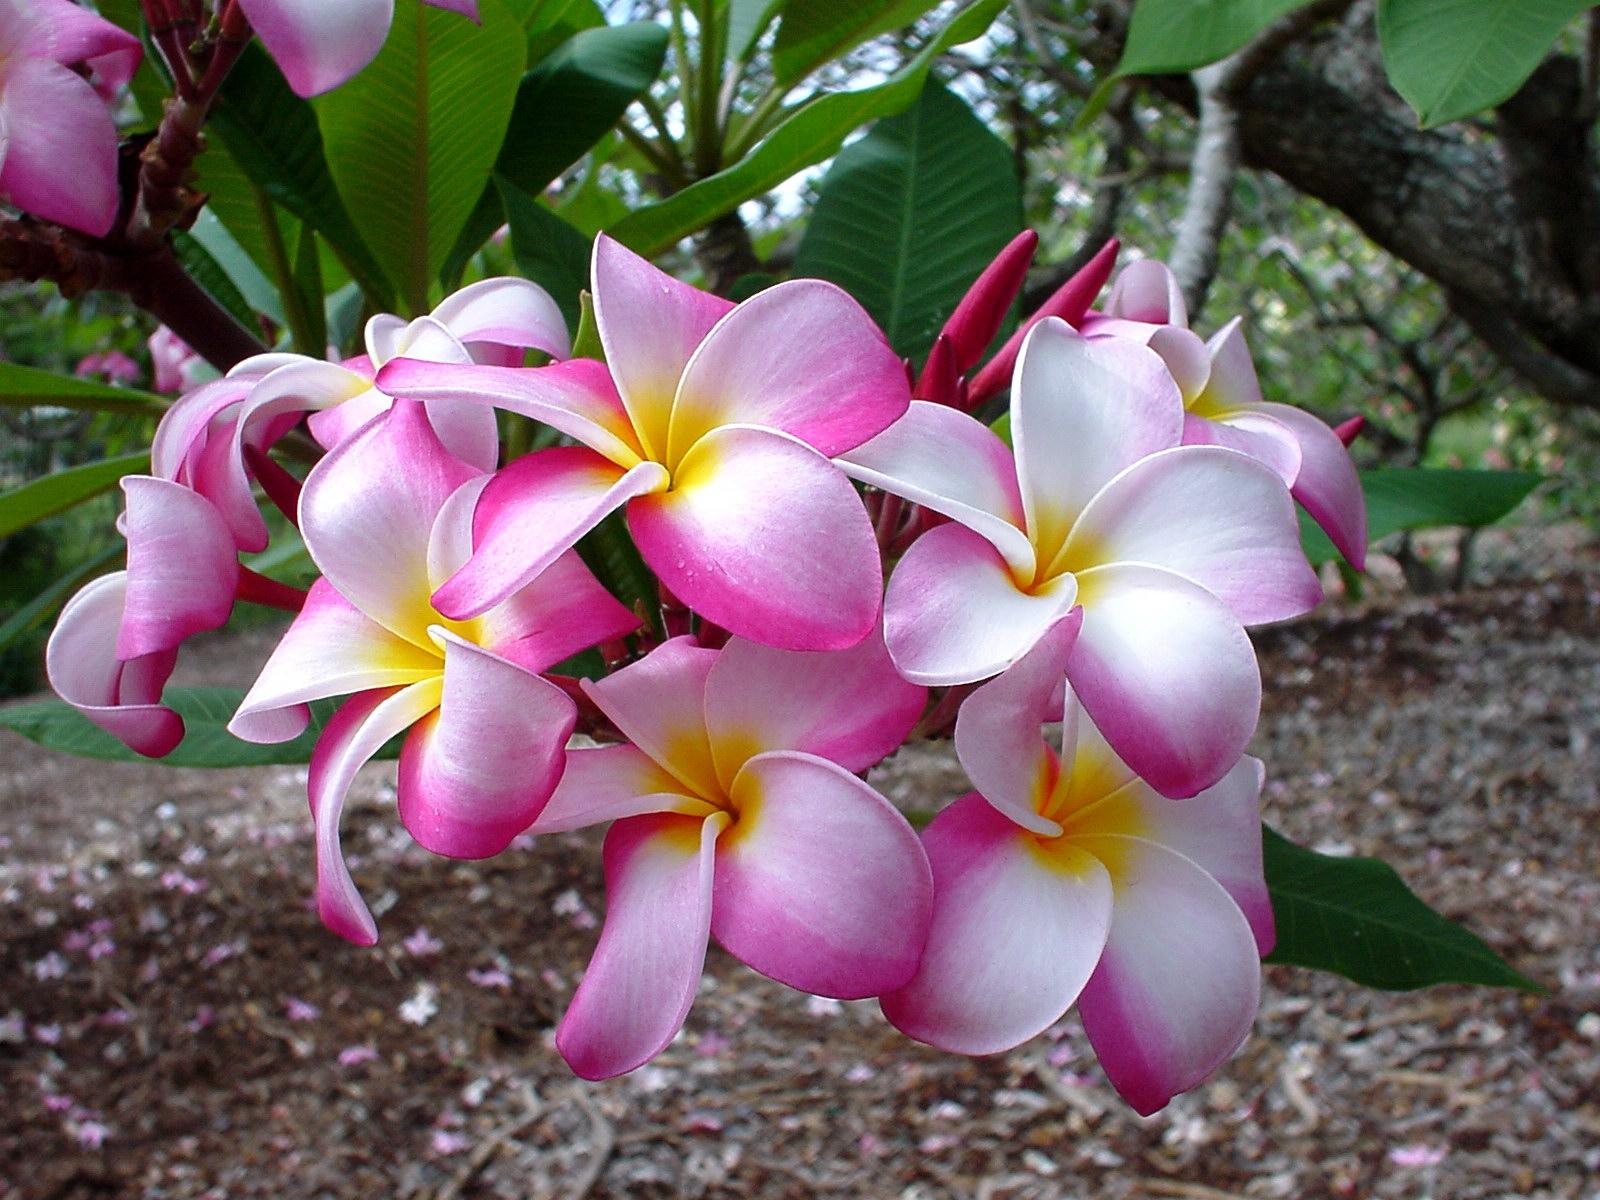 самые красивые цветы мира картинки крупным планом этой